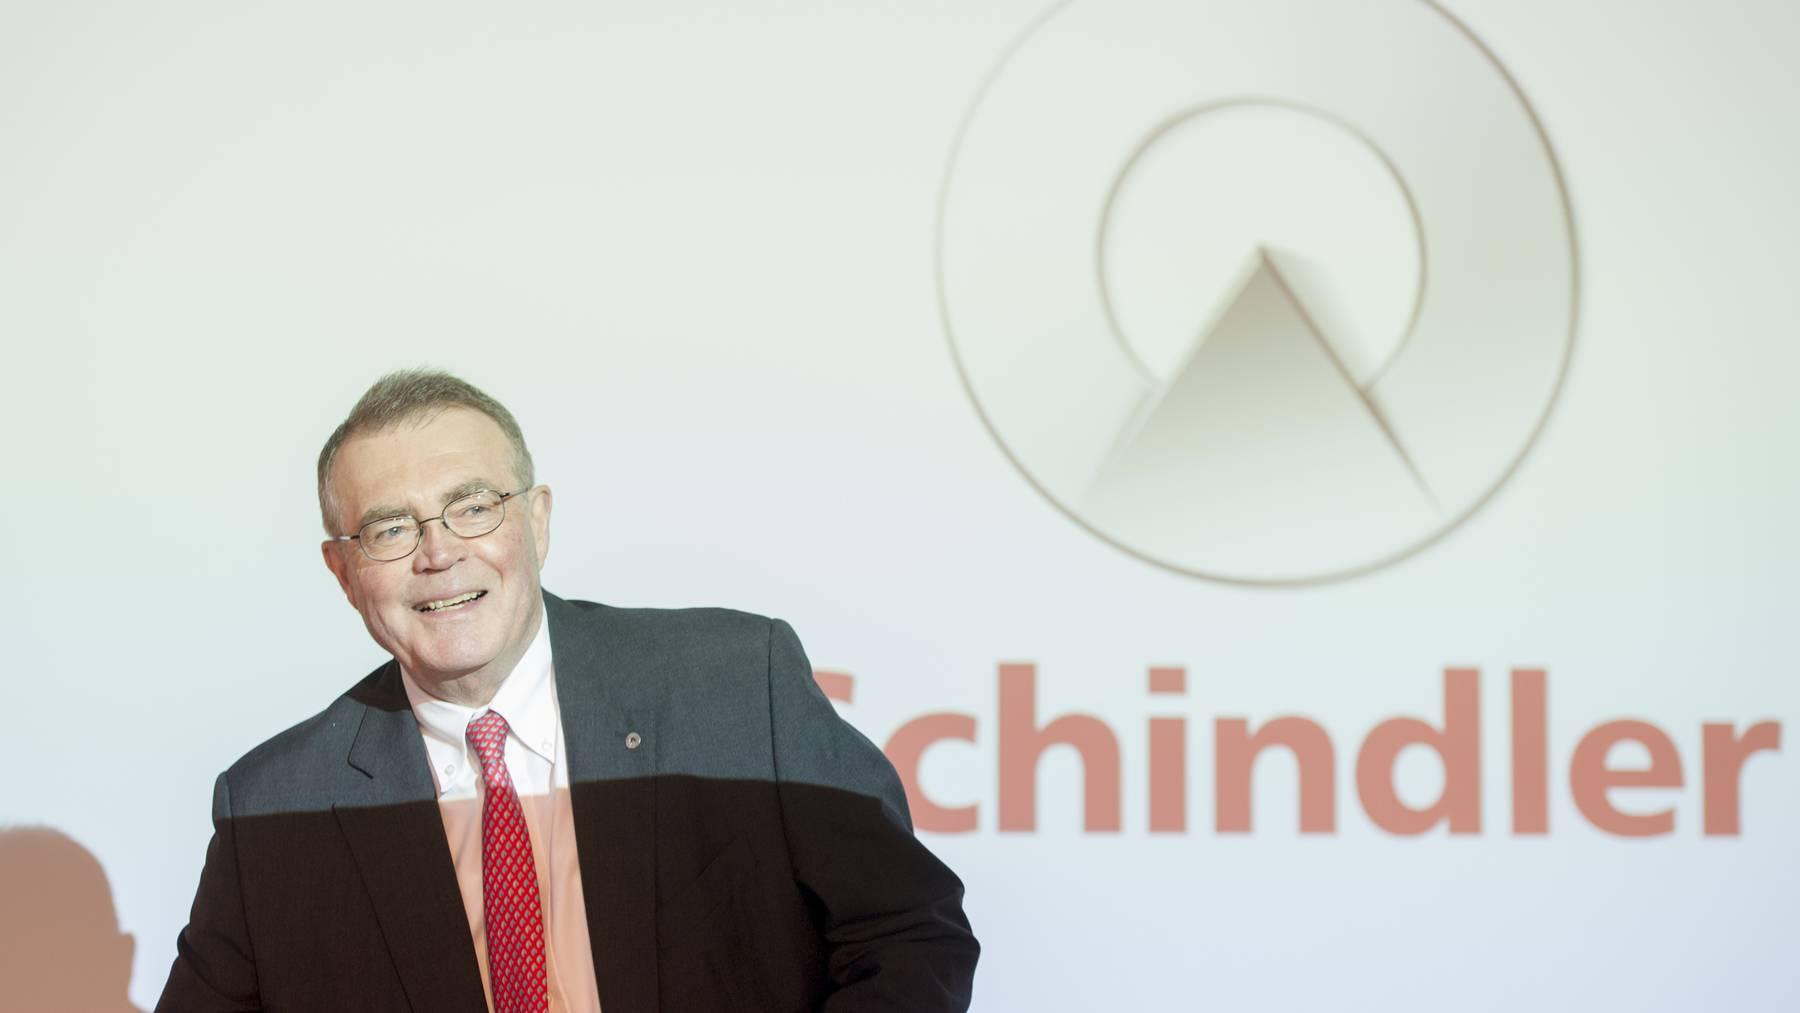 Schindler-Patron Alfred N. Schindler hat gut lachen: Seine Familie führt neu die Liste der Zentralschweiz an.